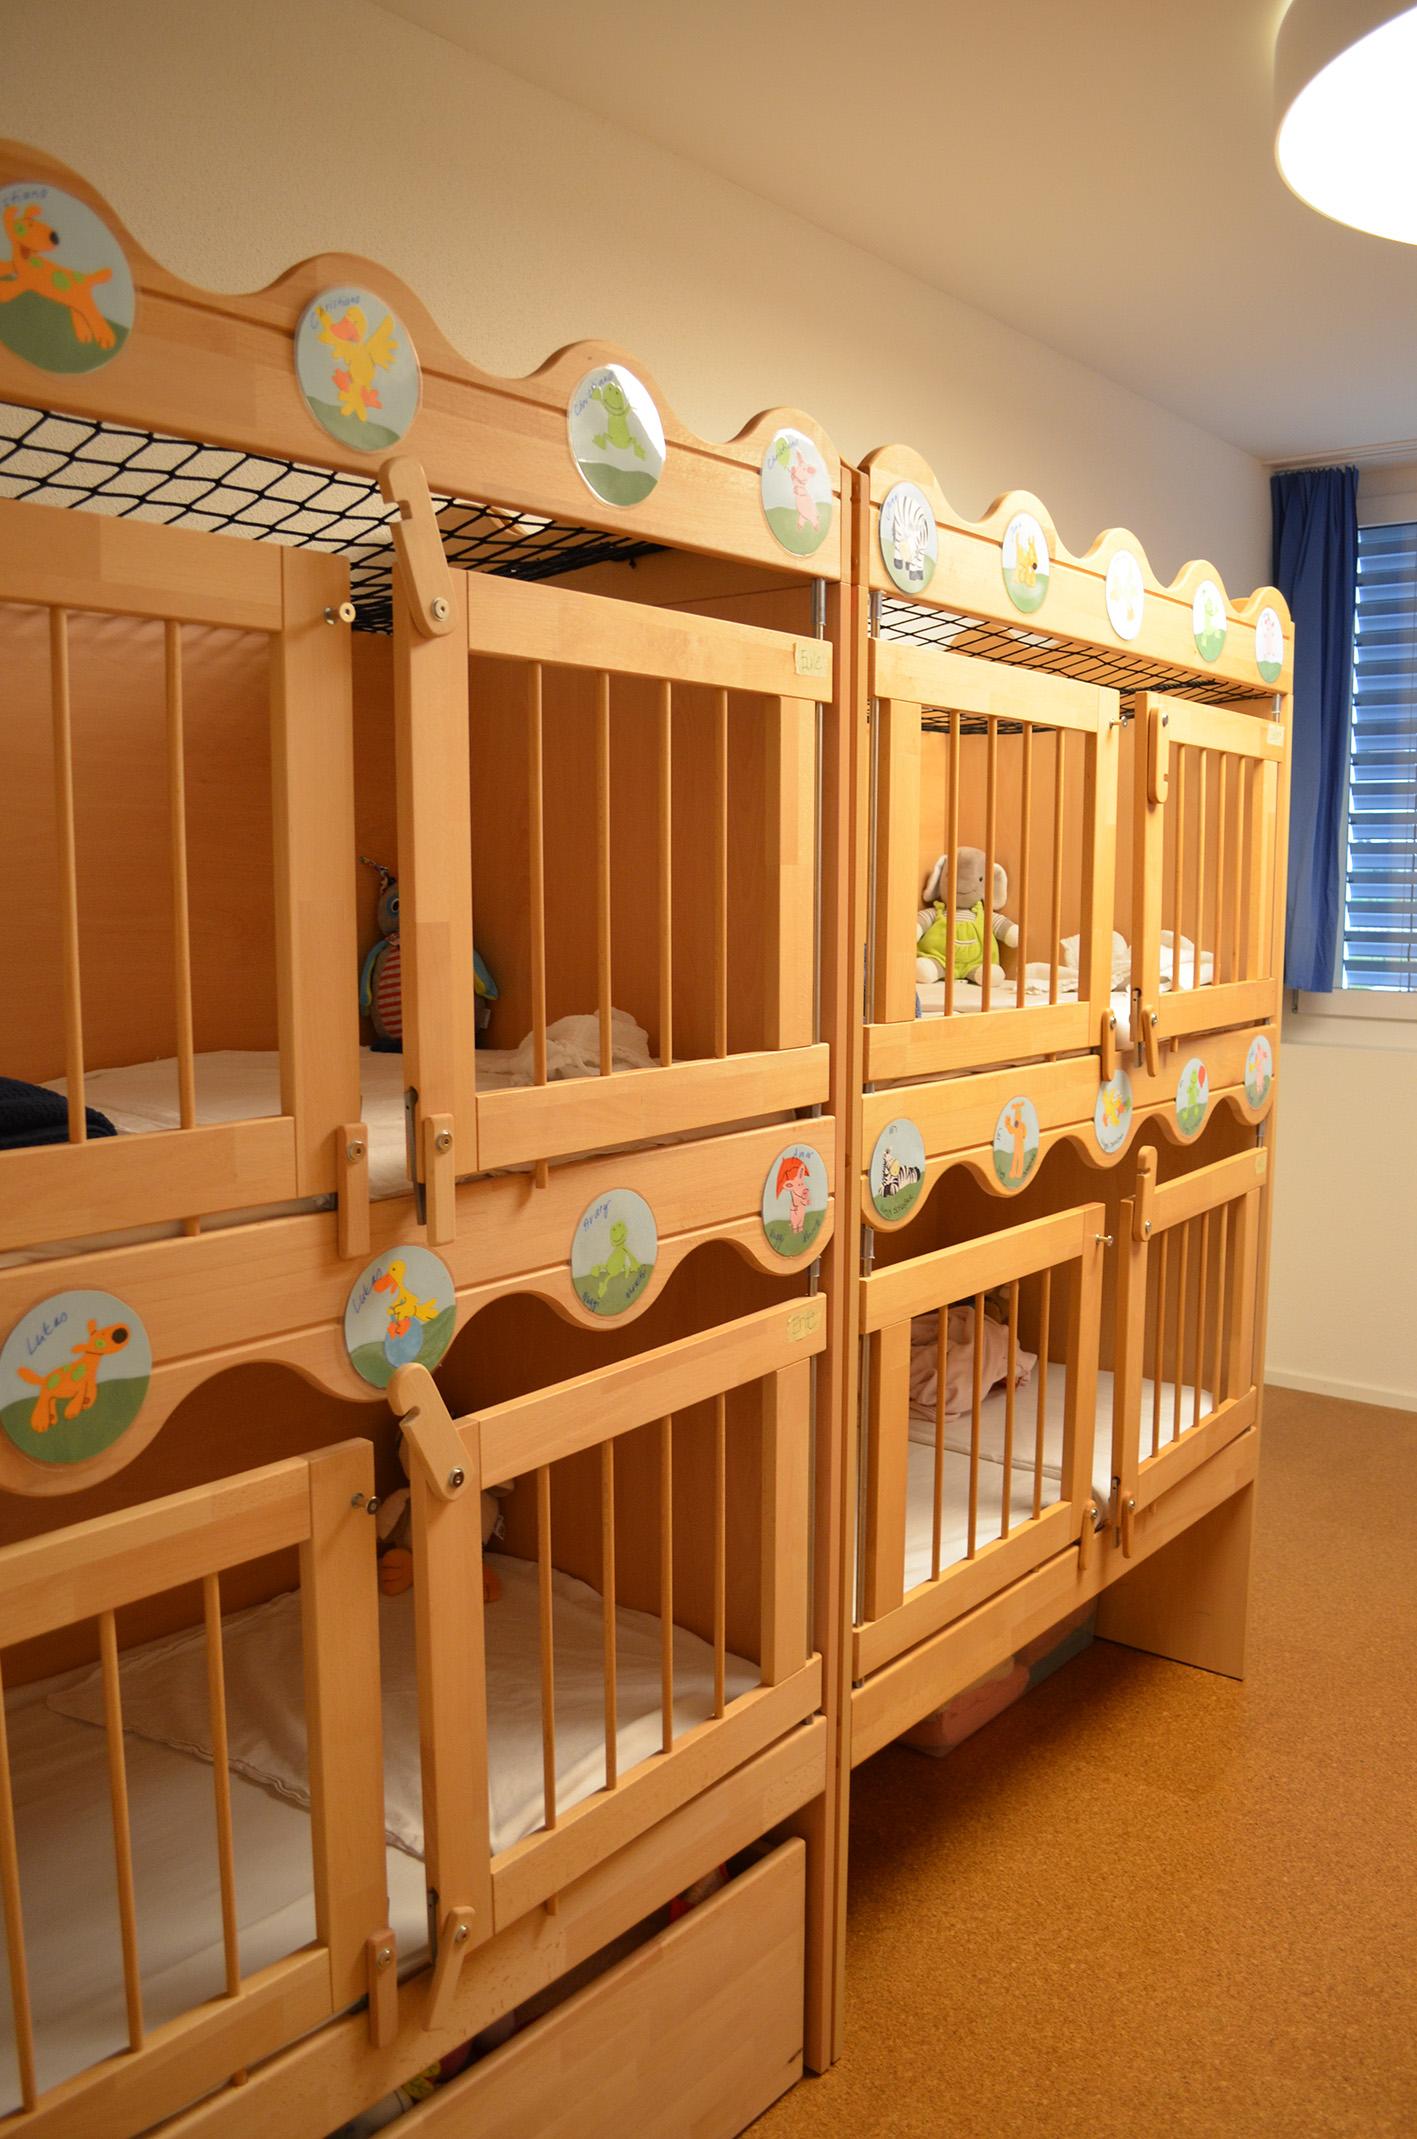 Babyschlafzimmer